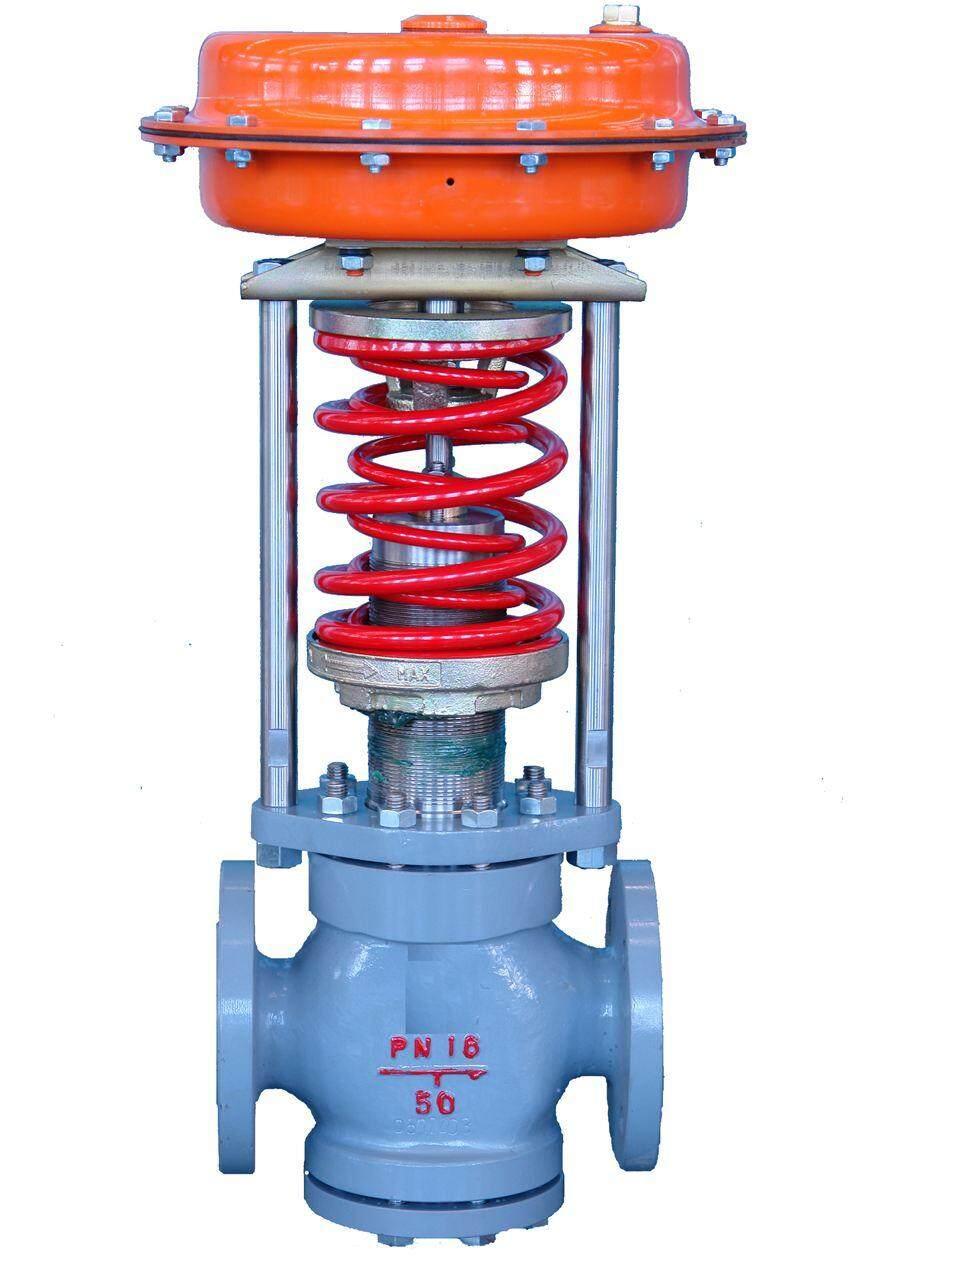 自力式蒸汽压力调节阀图片